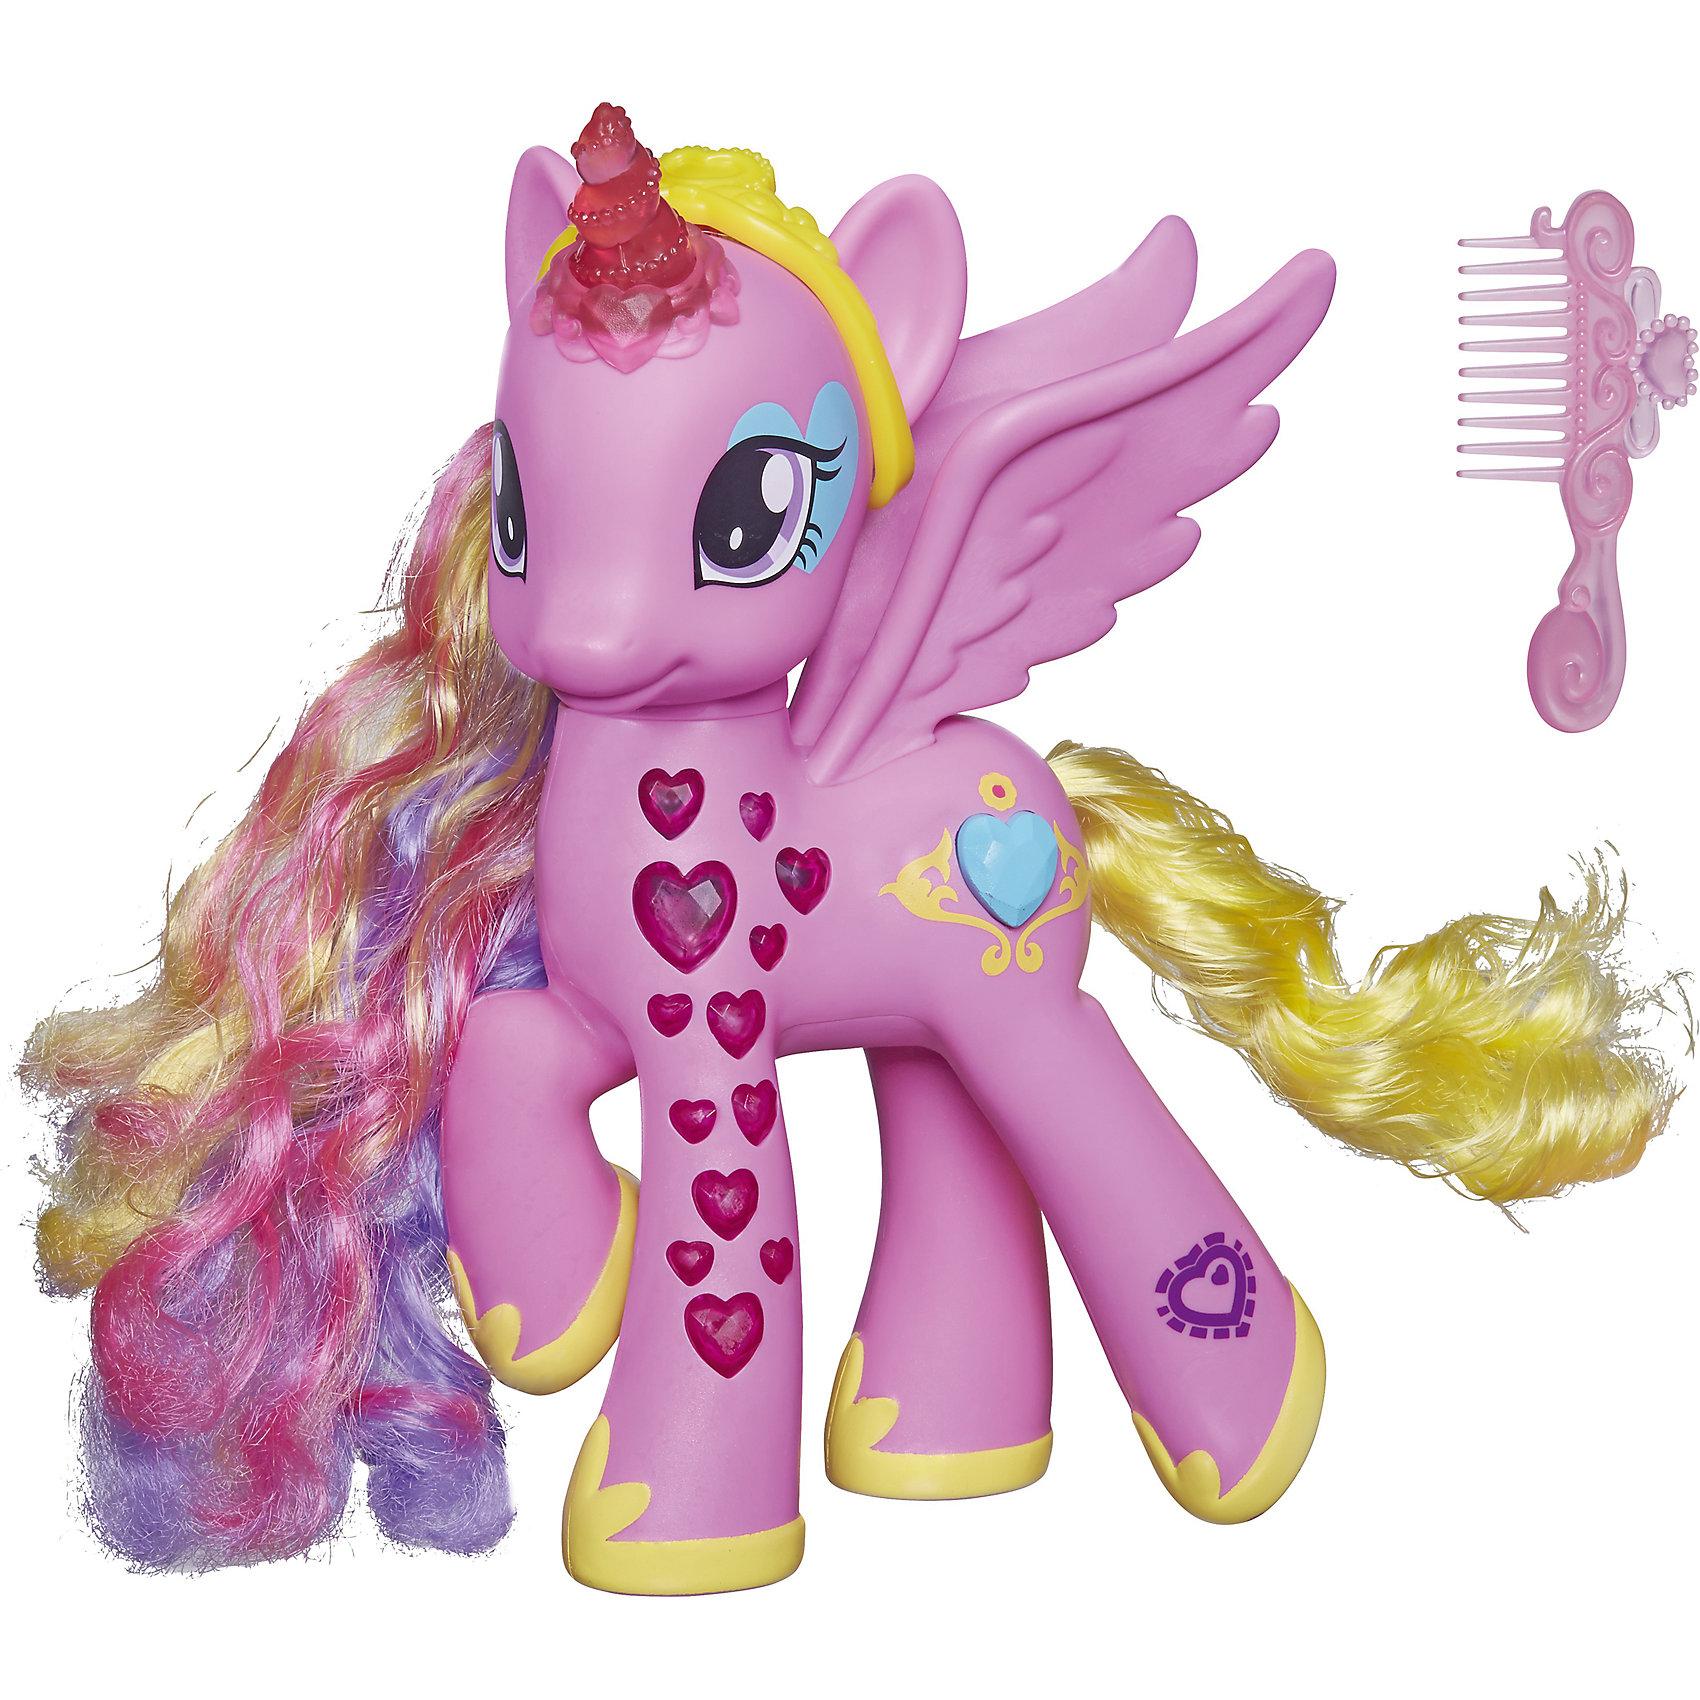 Пони Принцесса Каденс, My little PonyИнтерактивная игрушка Пони Принцесса Каденс, My little Pony – это добрая и отзывчивая пони-аликорн, Повелительница Кристальной империи. Ее шикарную гриву и хвостик можно расчесывать специальной расческой из комплекта, а из аксессуаров для гривы можно создавать прически. <br><br>Характеристики:<br>-На игрушке находится QR-код, который дает доступ к интересному игровому разделу в официальном приложении<br>-Принцесса Каденс умеет произносить фразы из мультика на русском языке<br>-При нажатии на голубой кристалл в золотой оправе на боку игрушки загораются копыта и рог<br>-Комплектация: пони Каденс, расческа, аксессуары для гривы, наклейки для украшения<br>-Работает от батареек типа АА (входят в комплект)<br>-Материалы: пластмасса<br><br>Пони-модница Принцесса Каденс, My little Pony (Мой маленький Пони) можно купить в нашем магазине.<br><br>Ширина мм: 79<br>Глубина мм: 254<br>Высота мм: 254<br>Вес г: 500<br>Возраст от месяцев: 60<br>Возраст до месяцев: 120<br>Пол: Женский<br>Возраст: Детский<br>SKU: 4188588